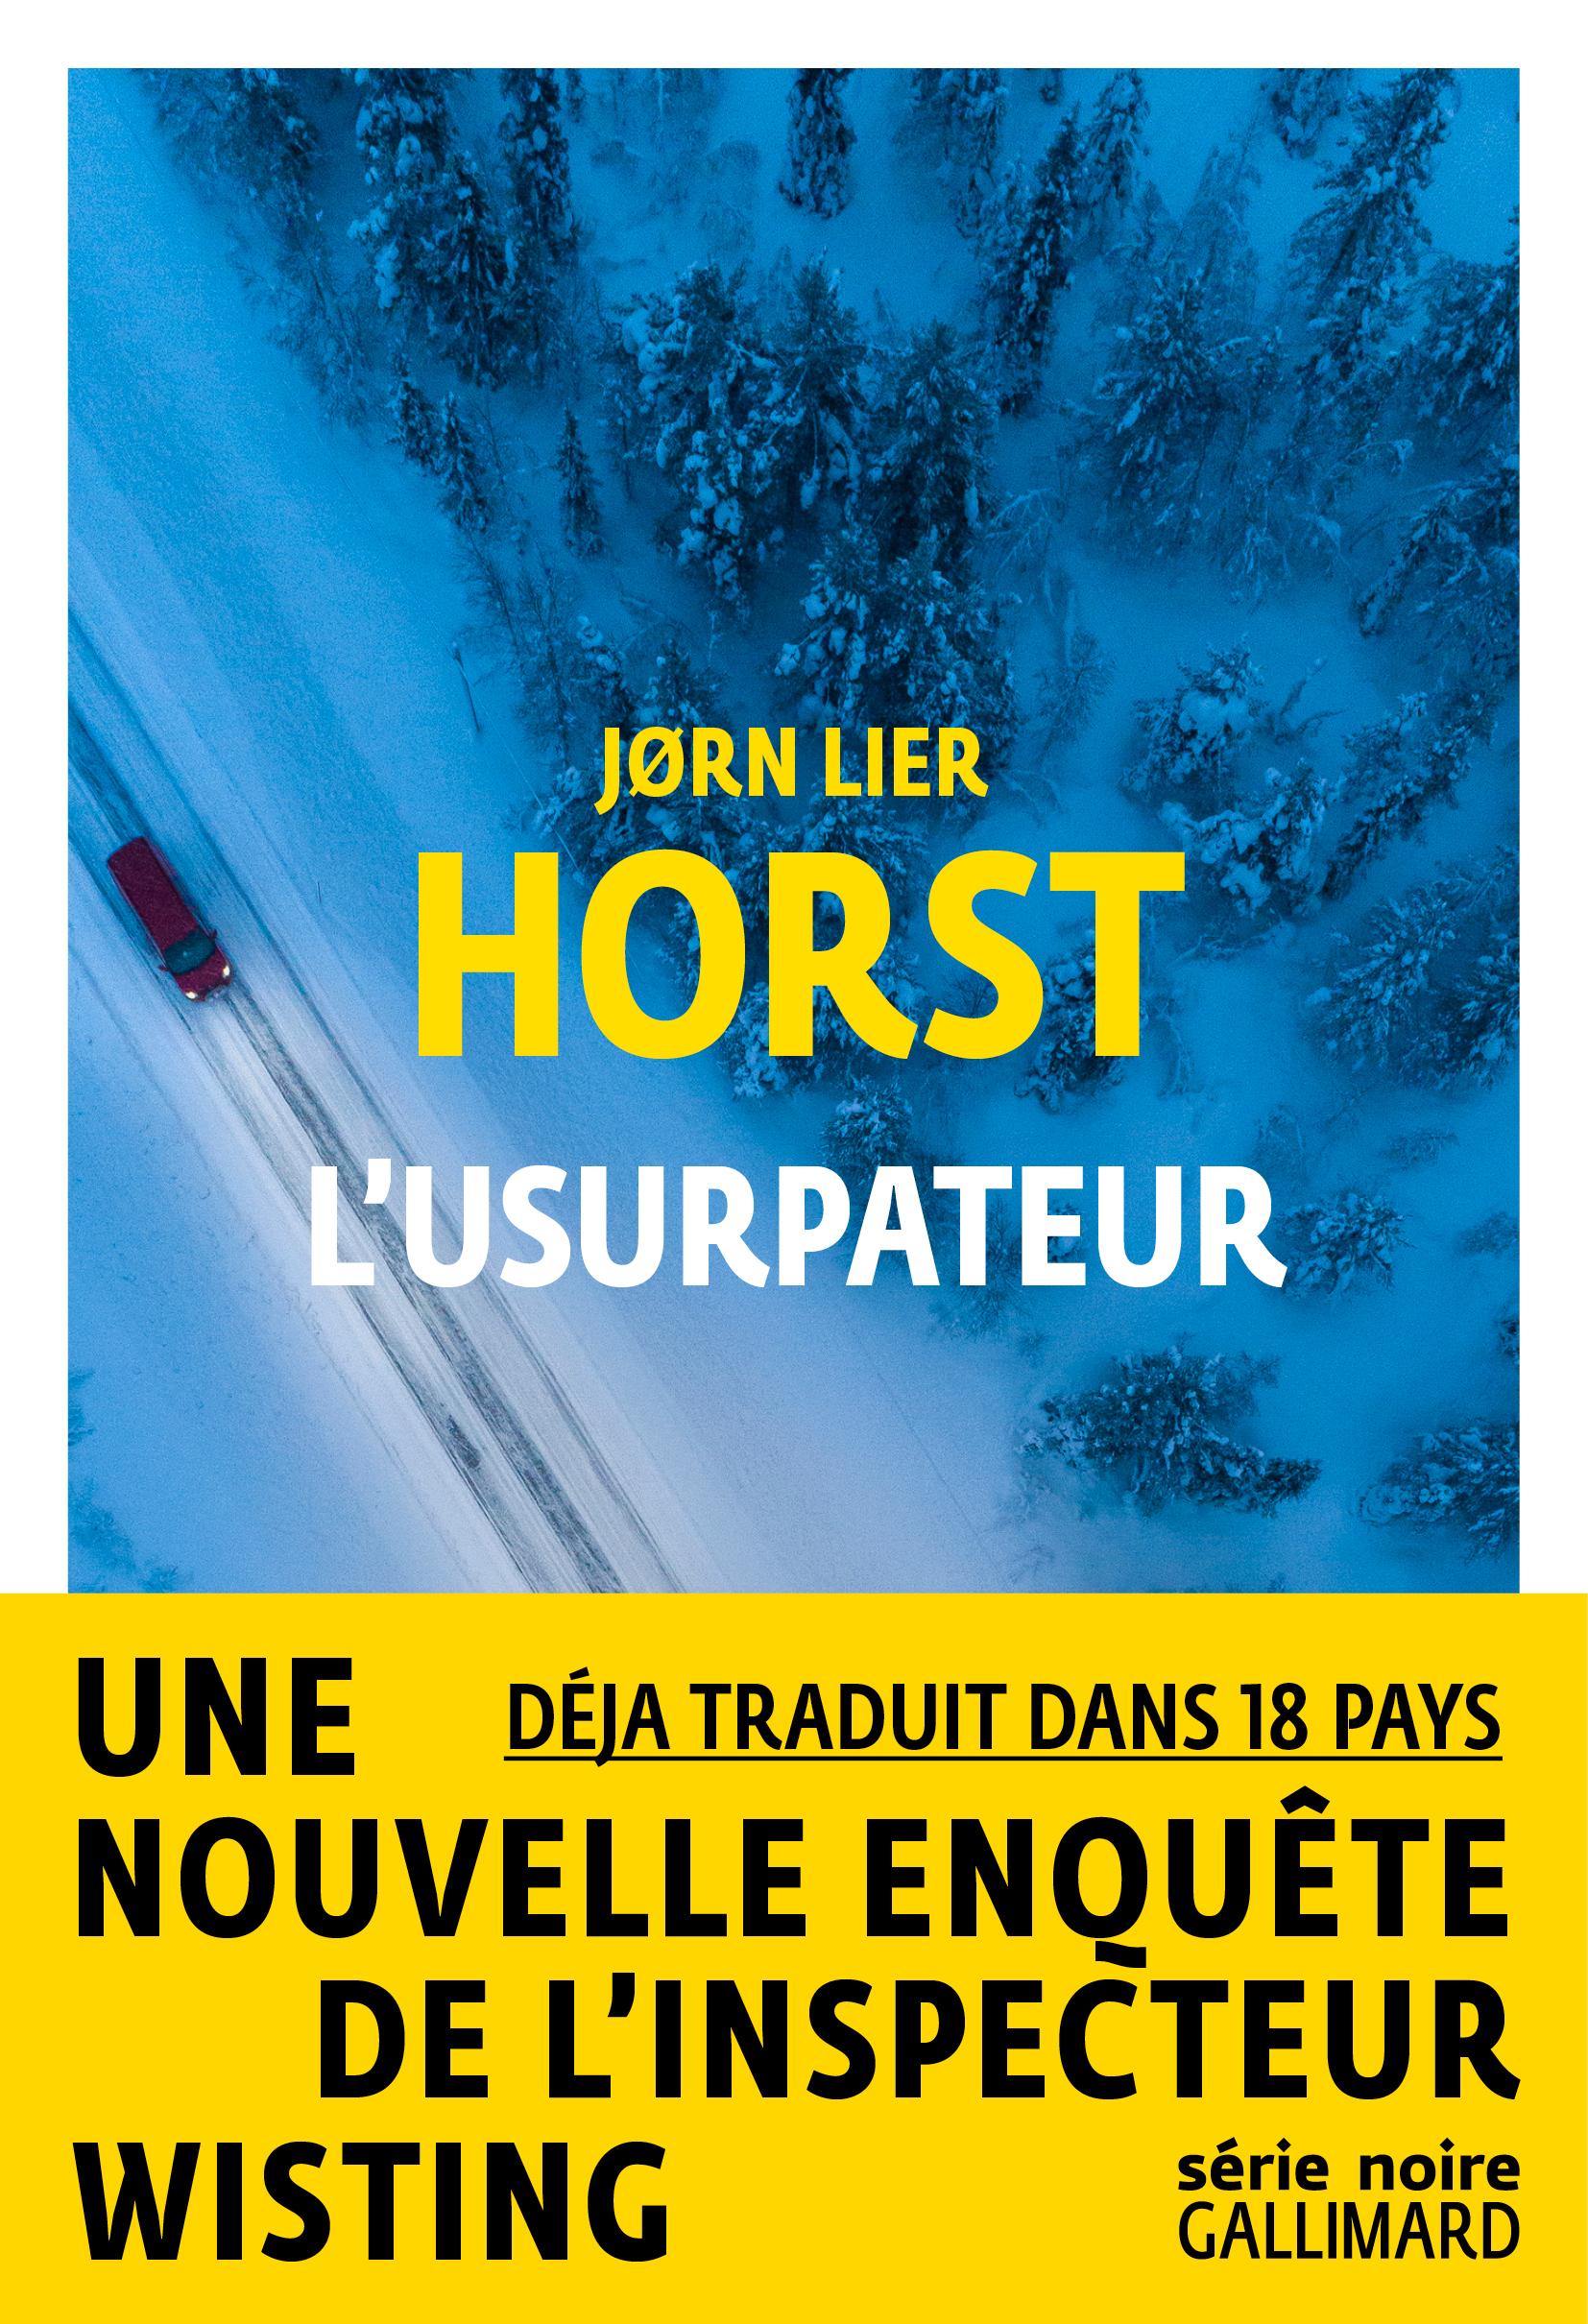 L'usurpateur | Horst, Jorn Lier